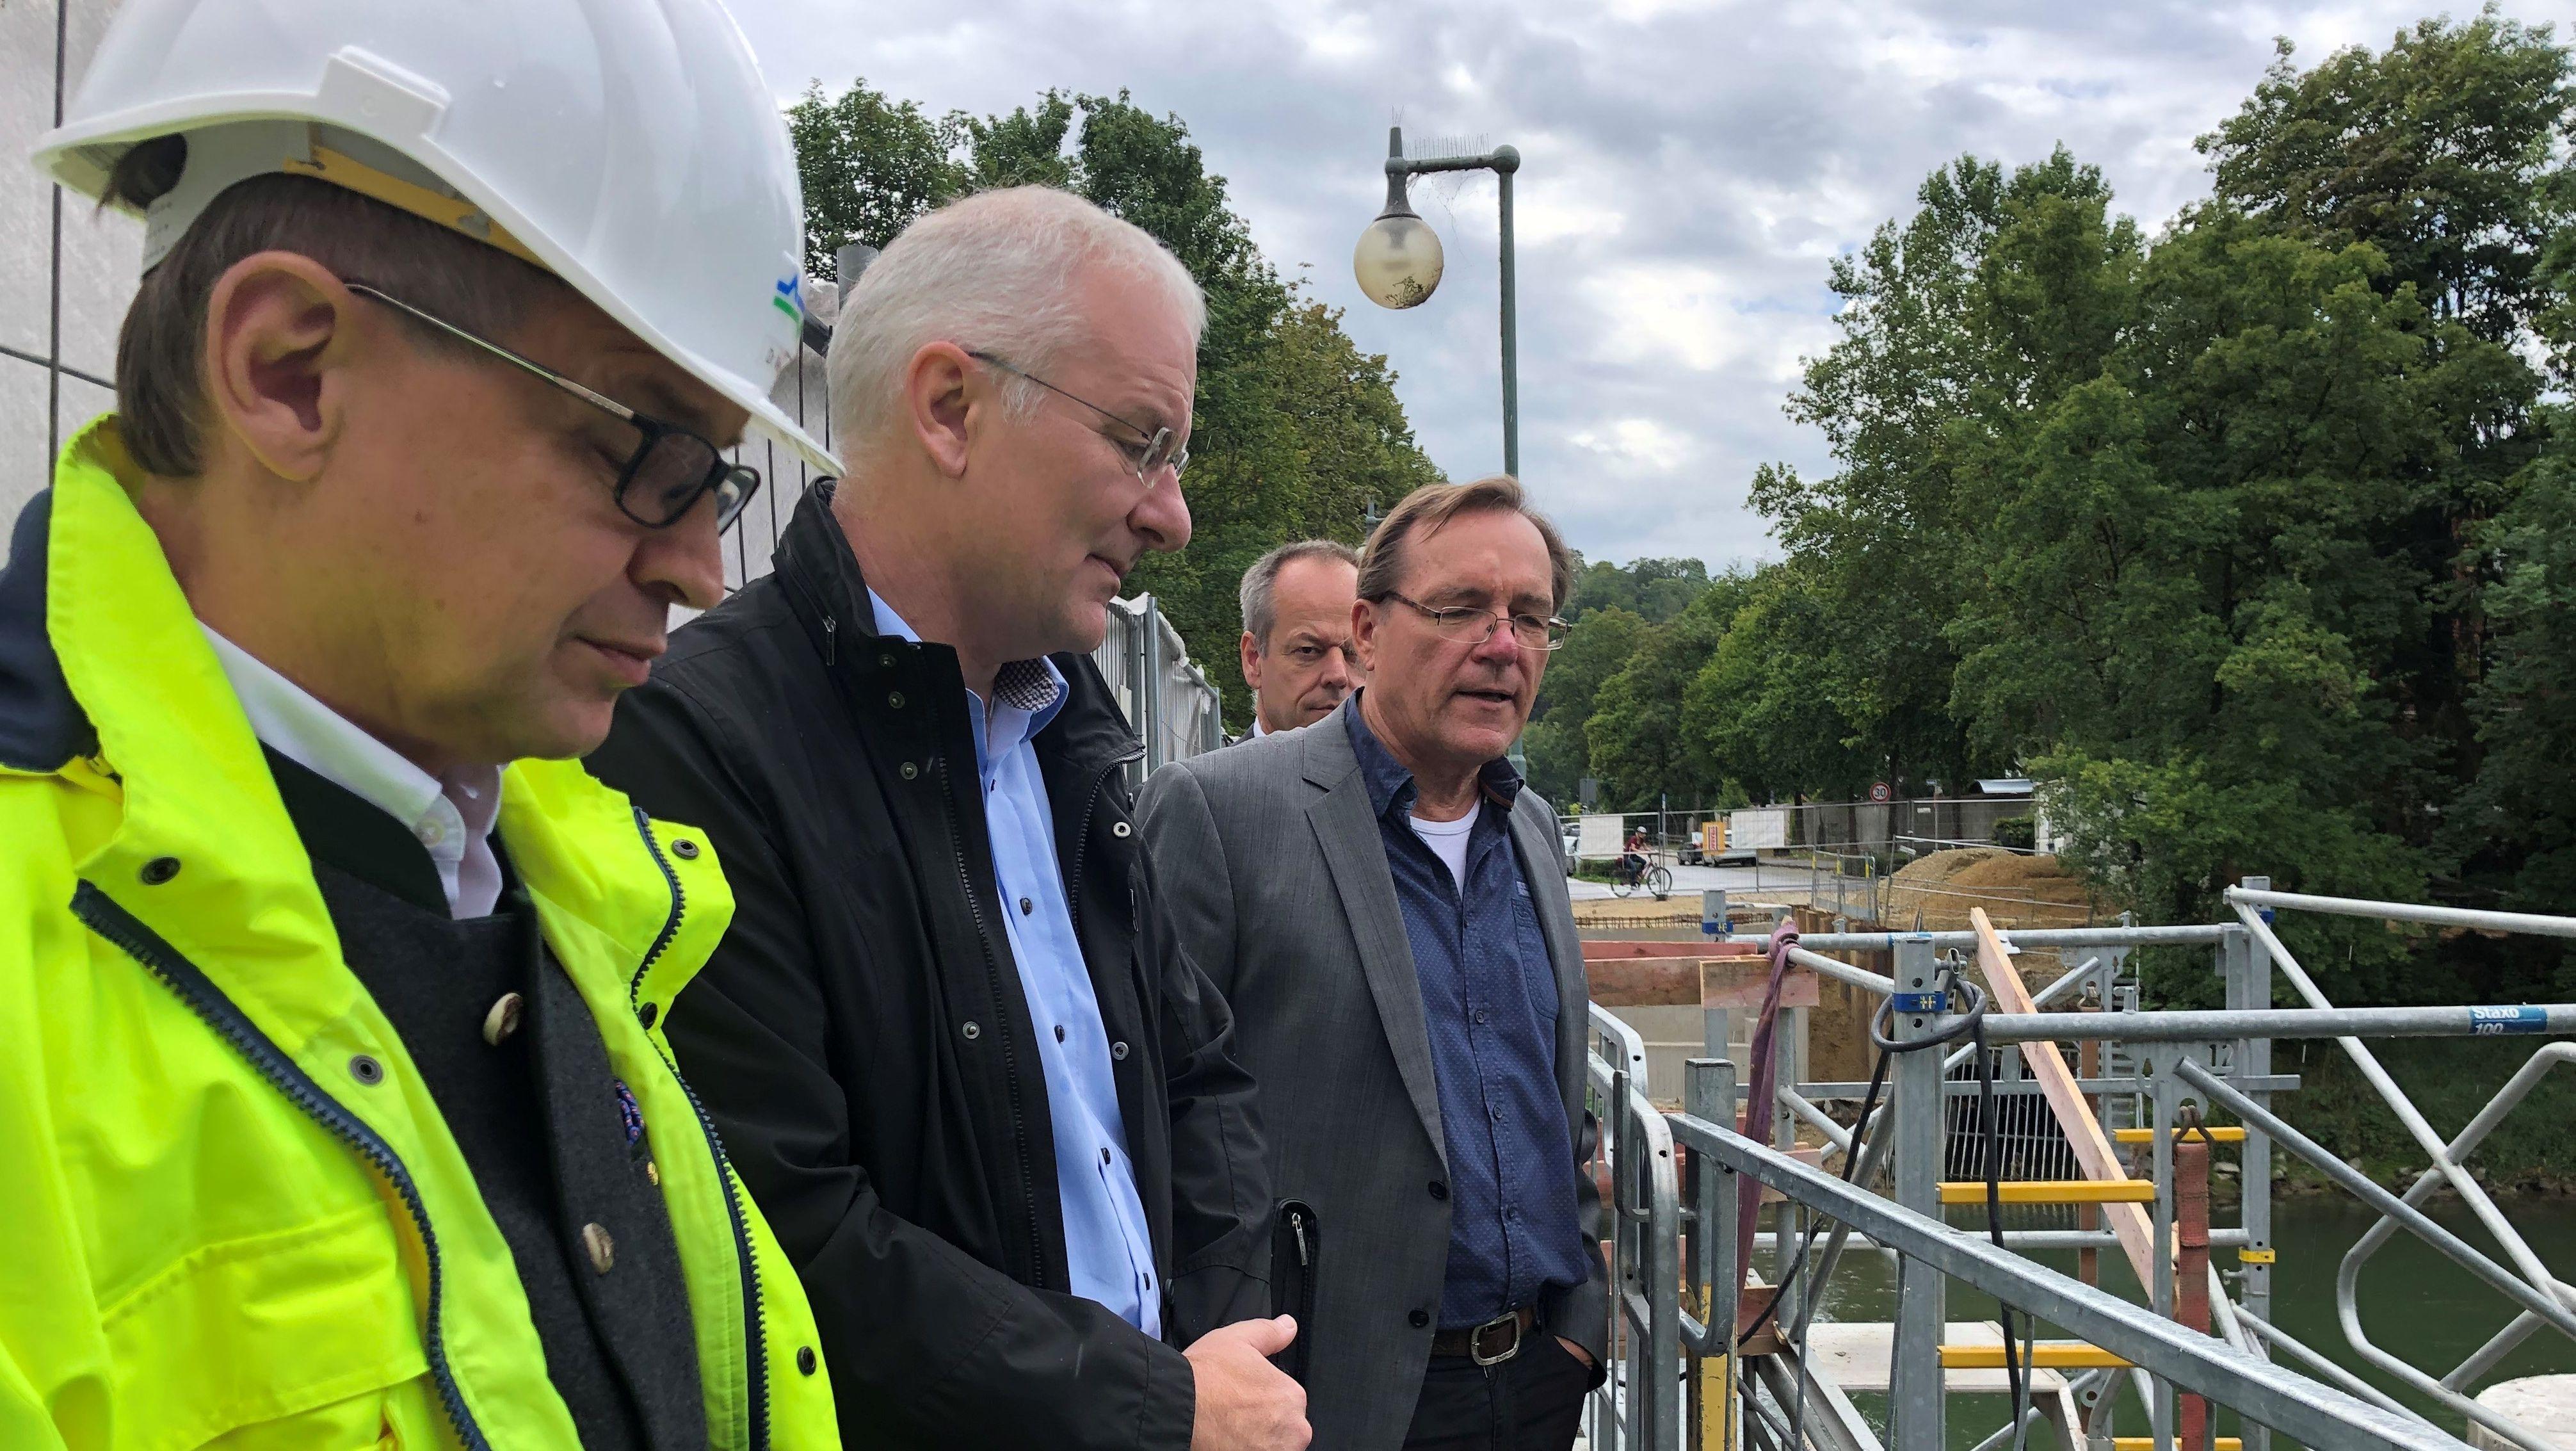 Landshuts OB Alexander Putz auf Baustellenfahrt